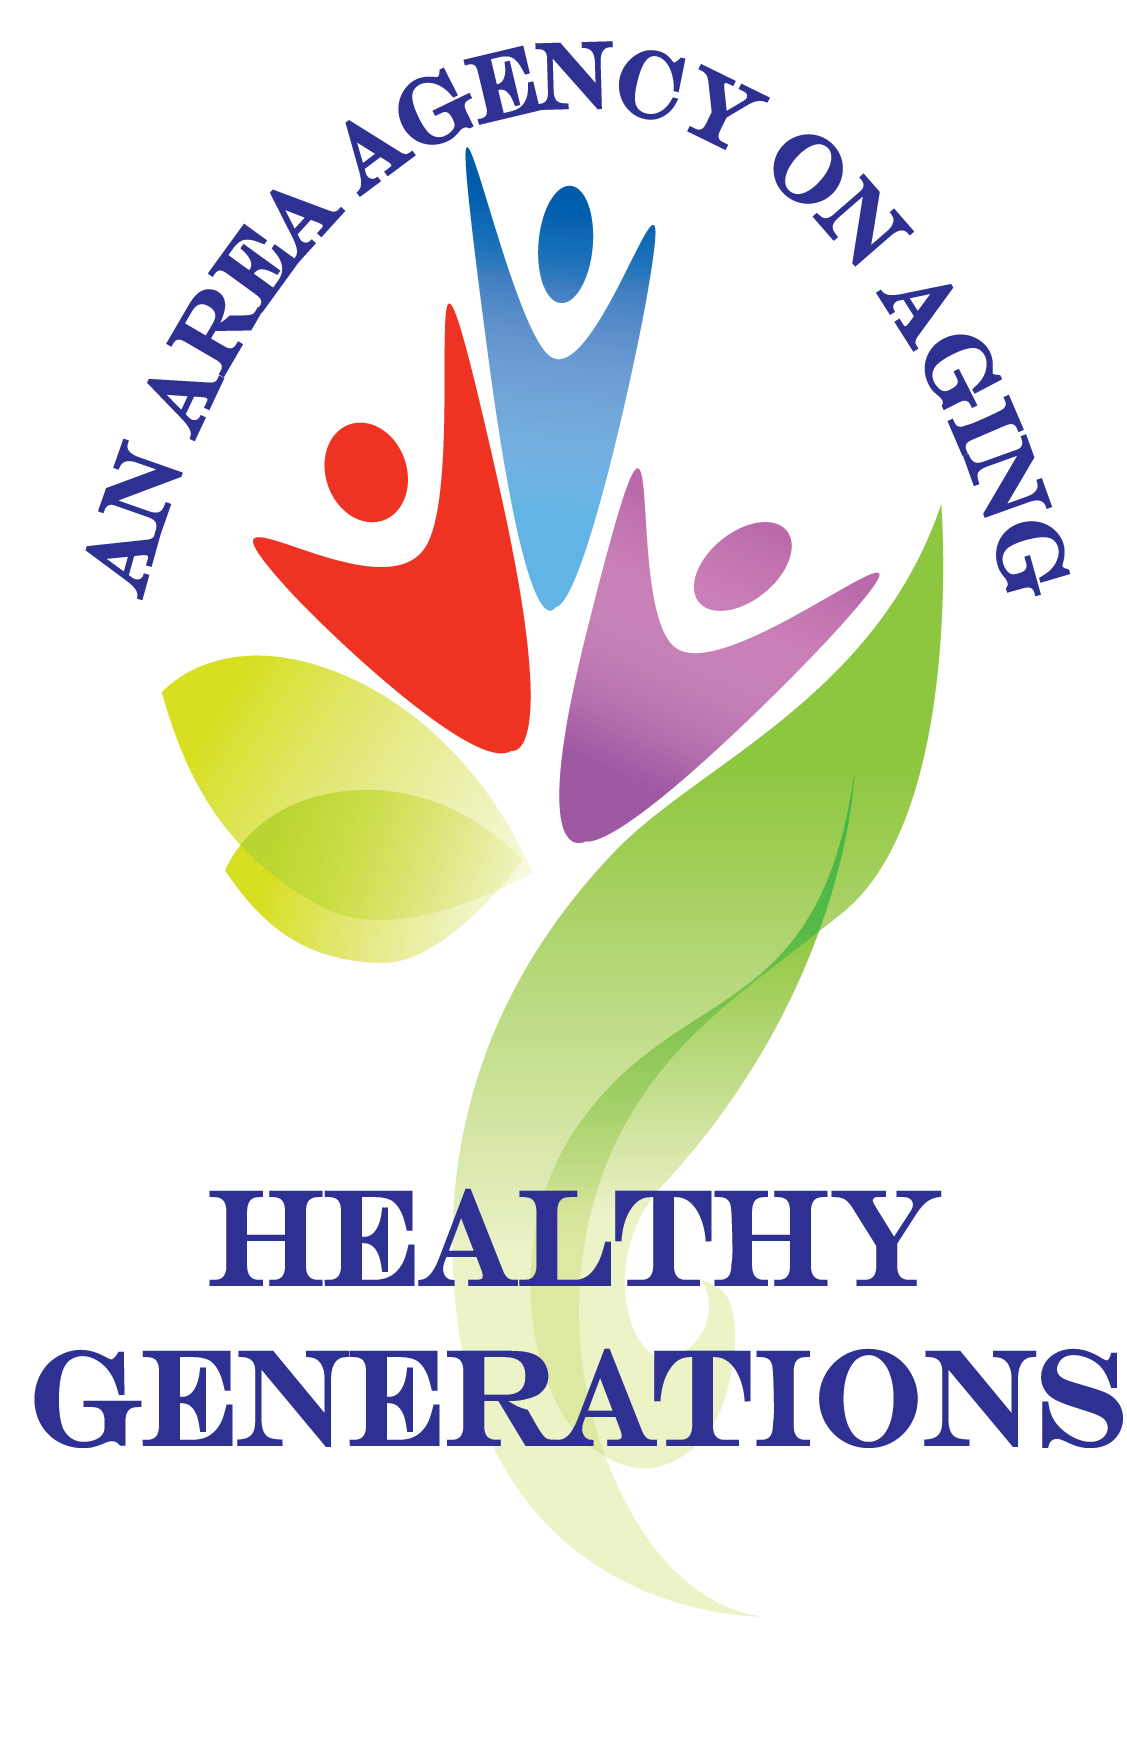 HGAAA Logo